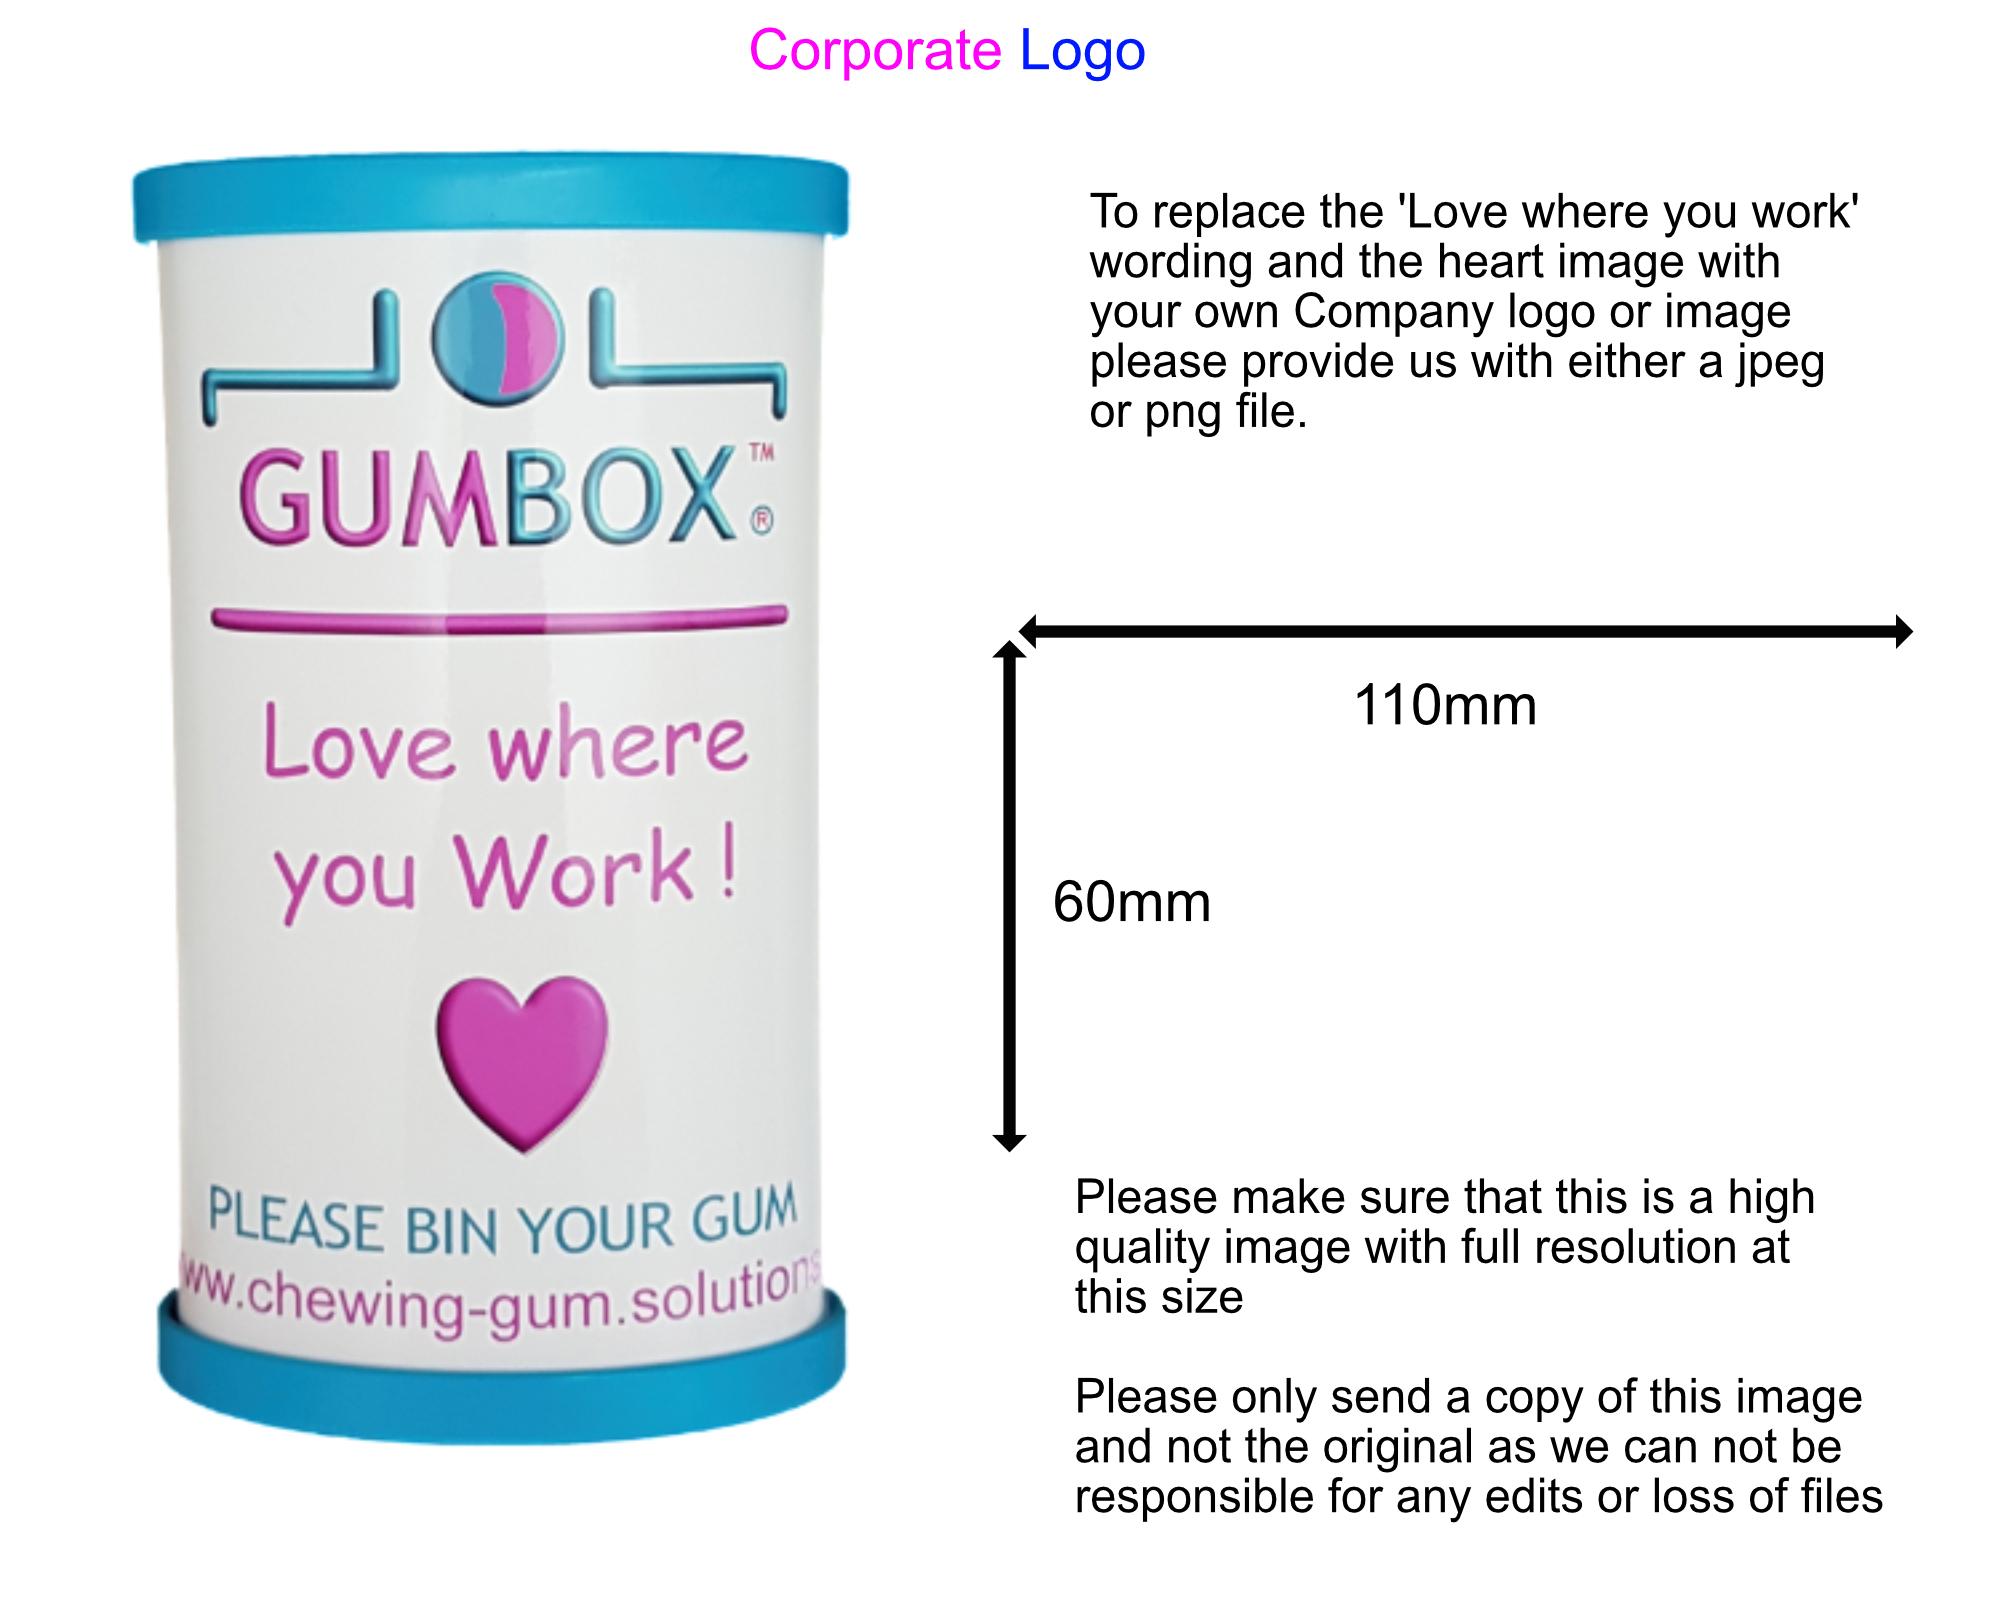 Gumbox corporate